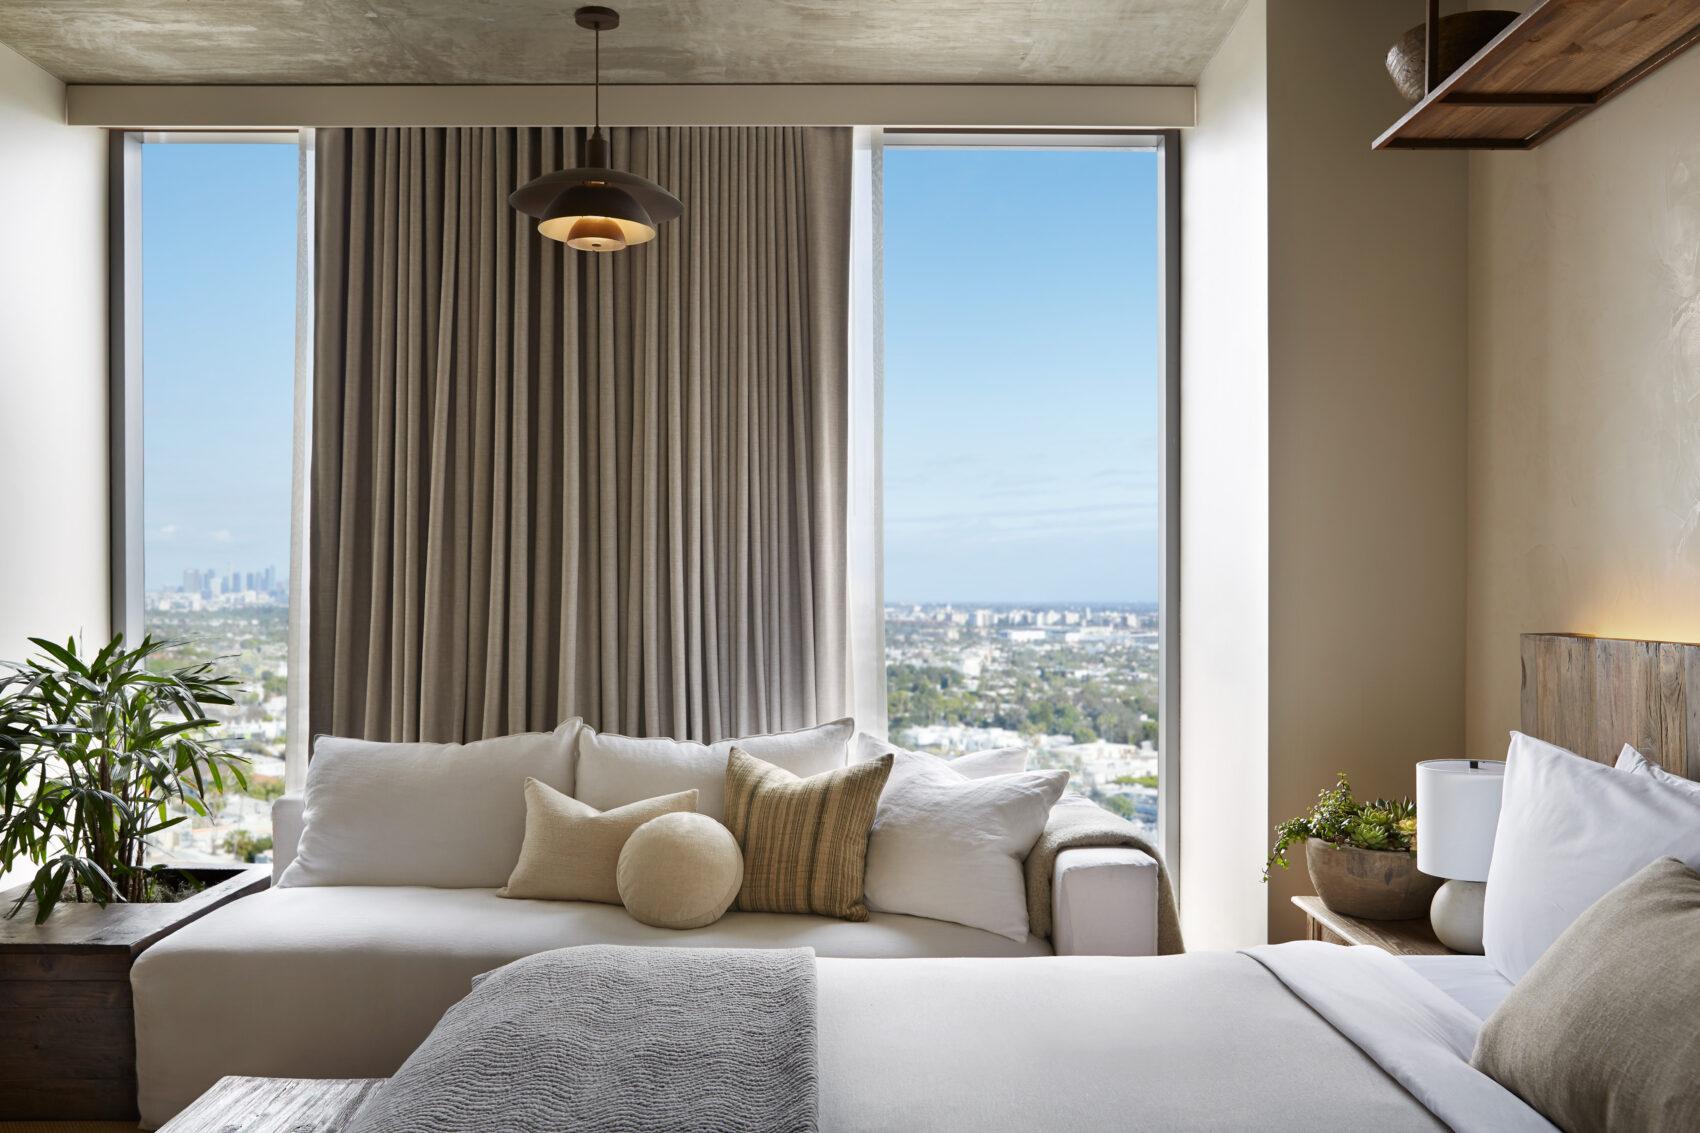 1 Hotel West Hollywood